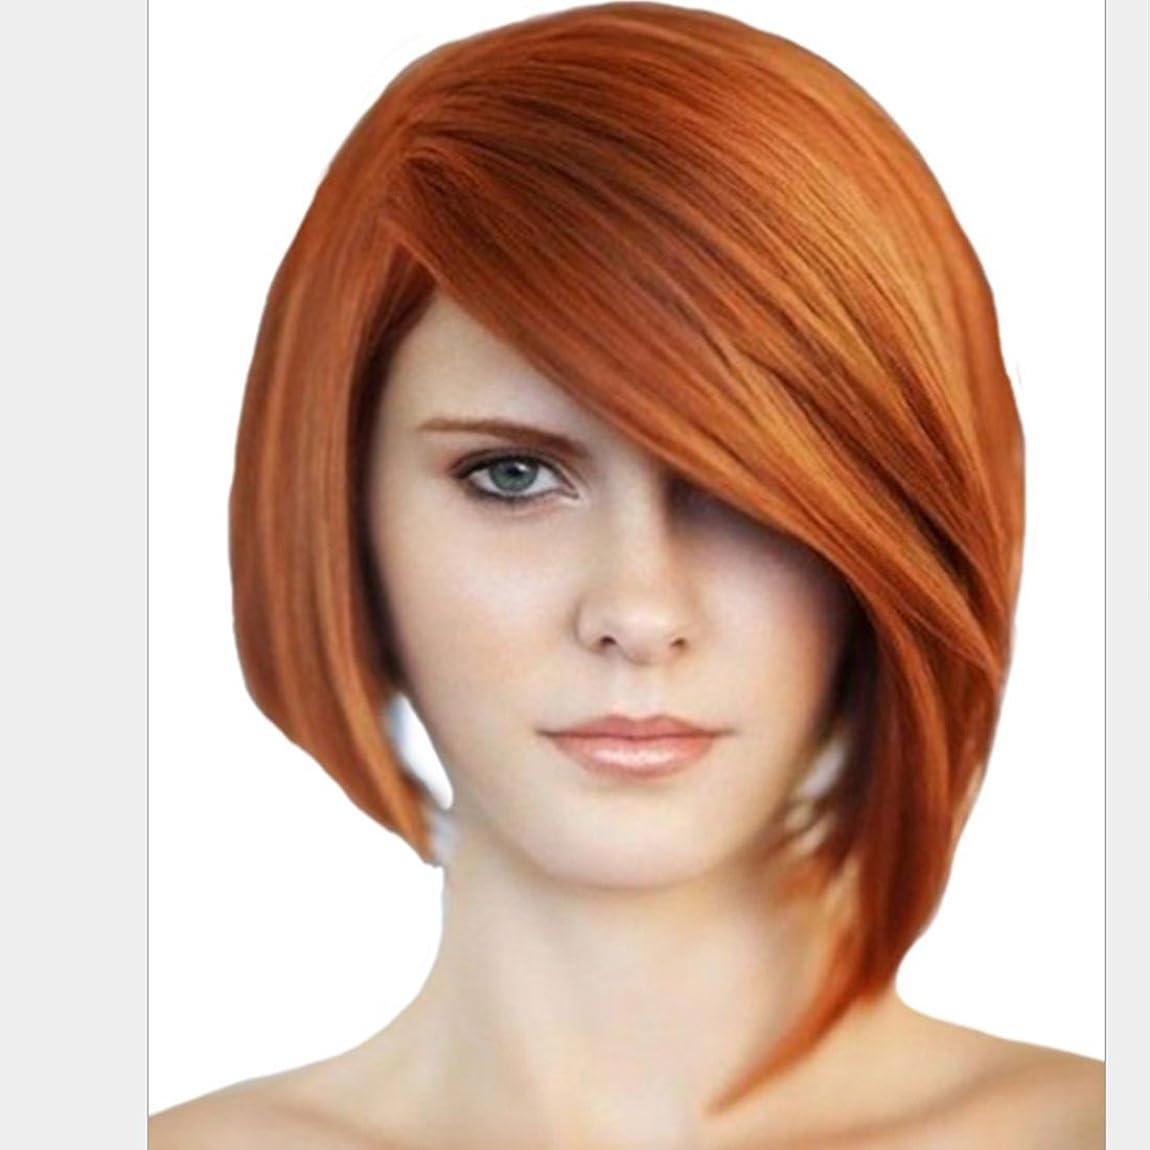 伝導香水レジデンスDoyvanntgo 女性のための化学繊維のゴールドウィッグ斜めのバゲットとショートストレートヘアヘアホワイトヘッド女性のための8センチメートルの抵抗のウィッグ (Color : Gold)